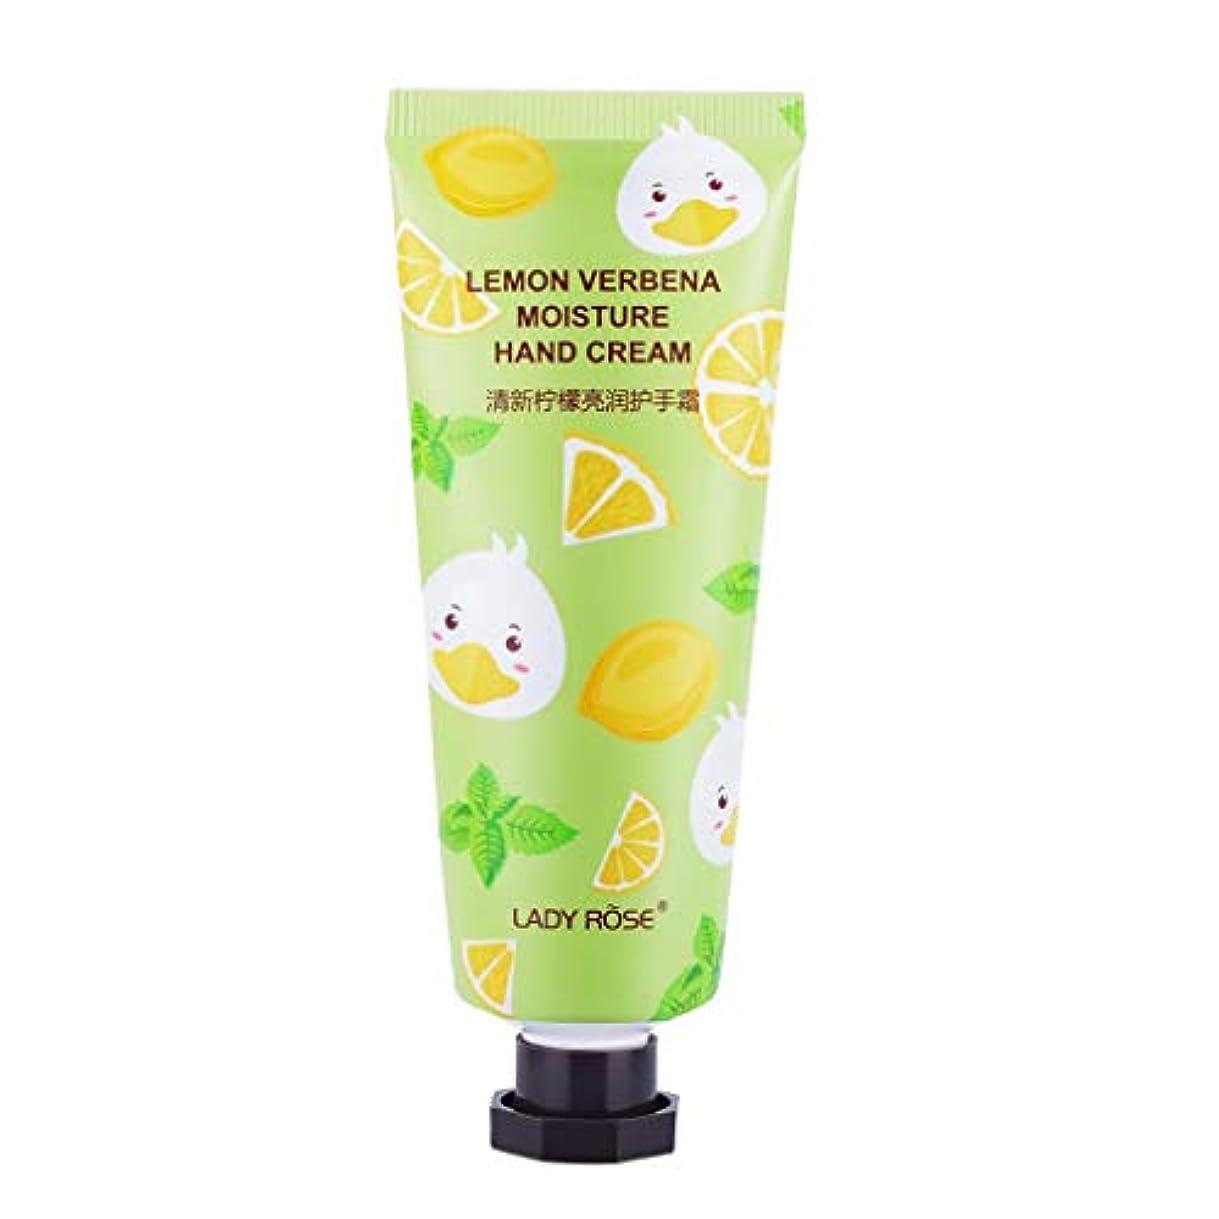 カヌー必需品ラブハンドクリーム 保湿 ローション 潤い スキンケア ハンドローション 3タイプ選べ - レモン